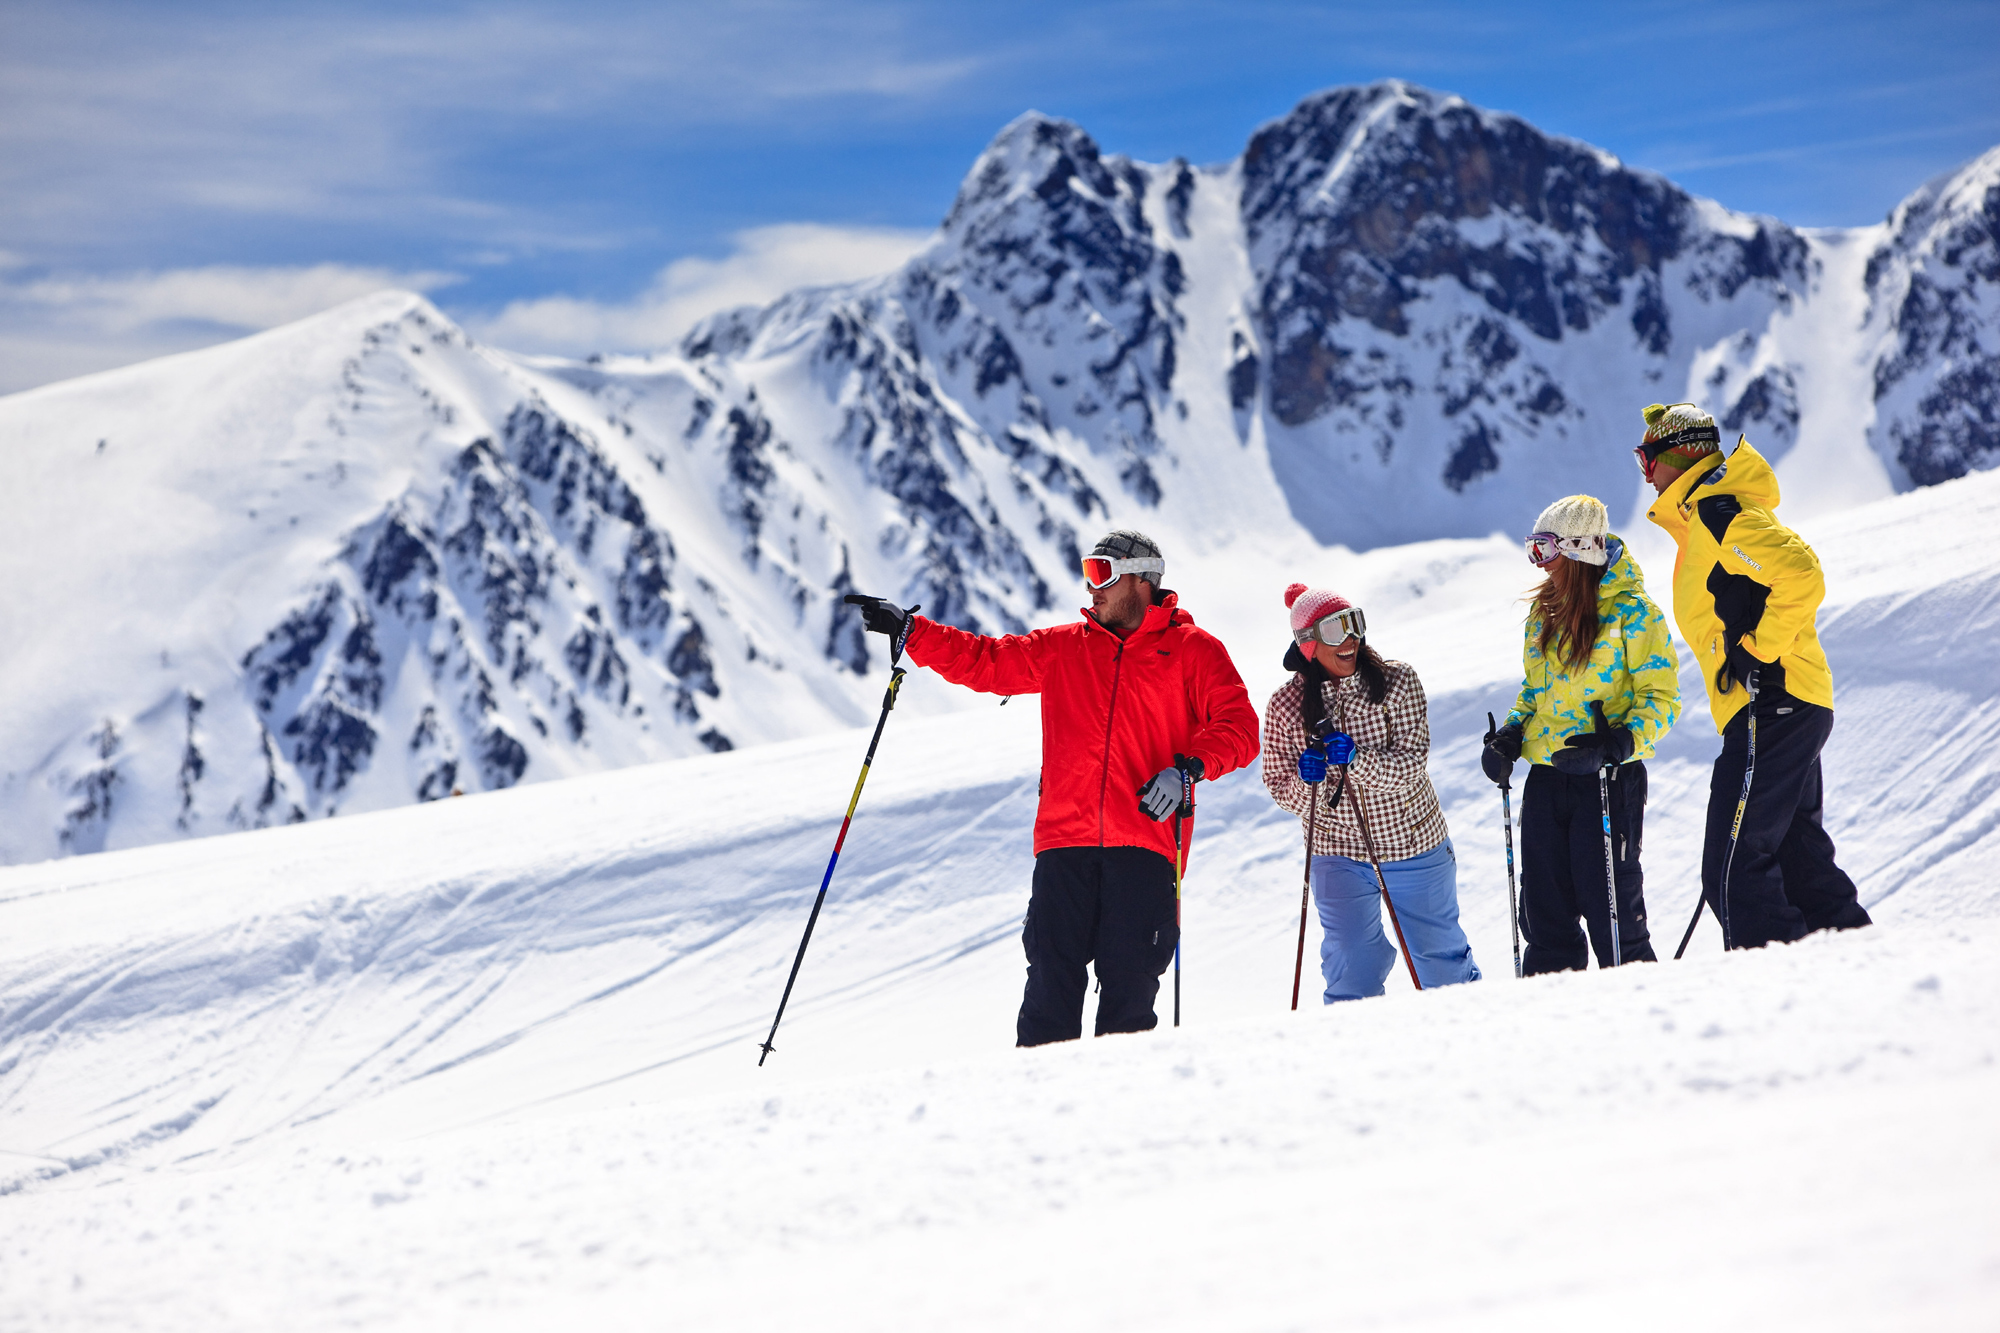 Неделя на горнолыжных склонах в Андорре!